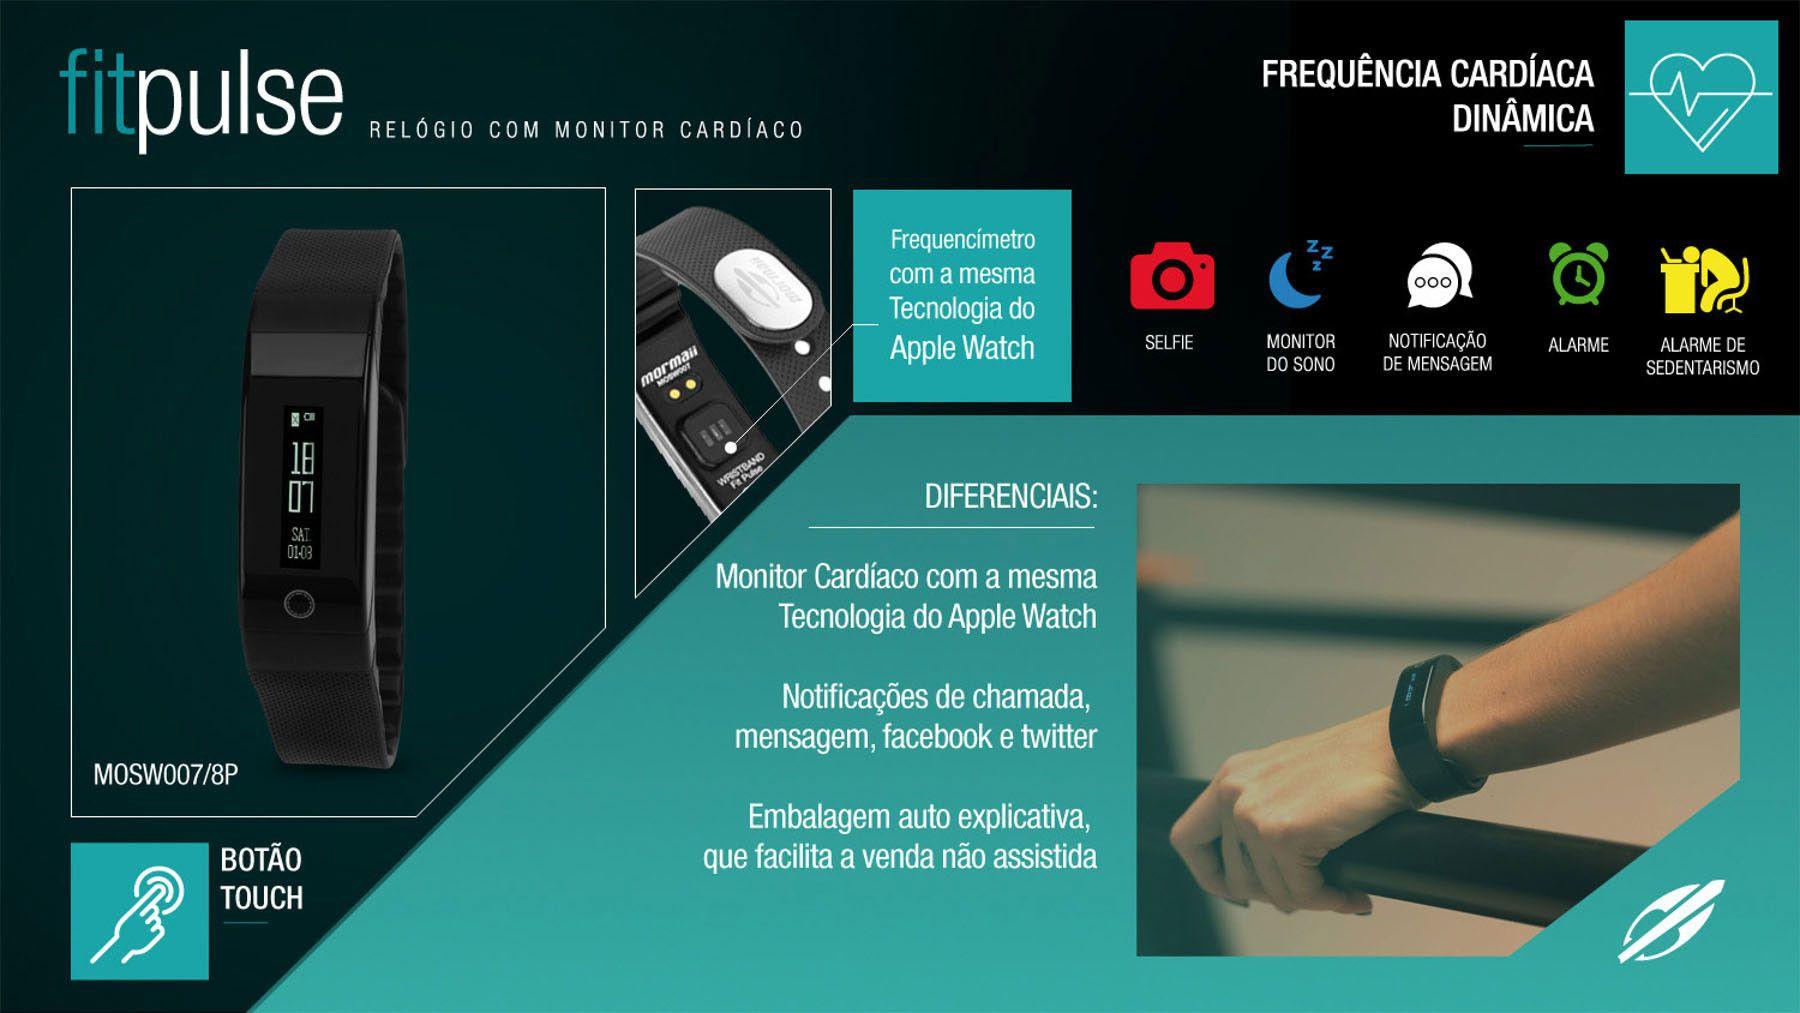 a305bd7a90b3a ... Relógio Mormaii Fitpulse Monitor Cardíaco Frequencímetro MOSW0078P  Digital - Miranda Shopping ...